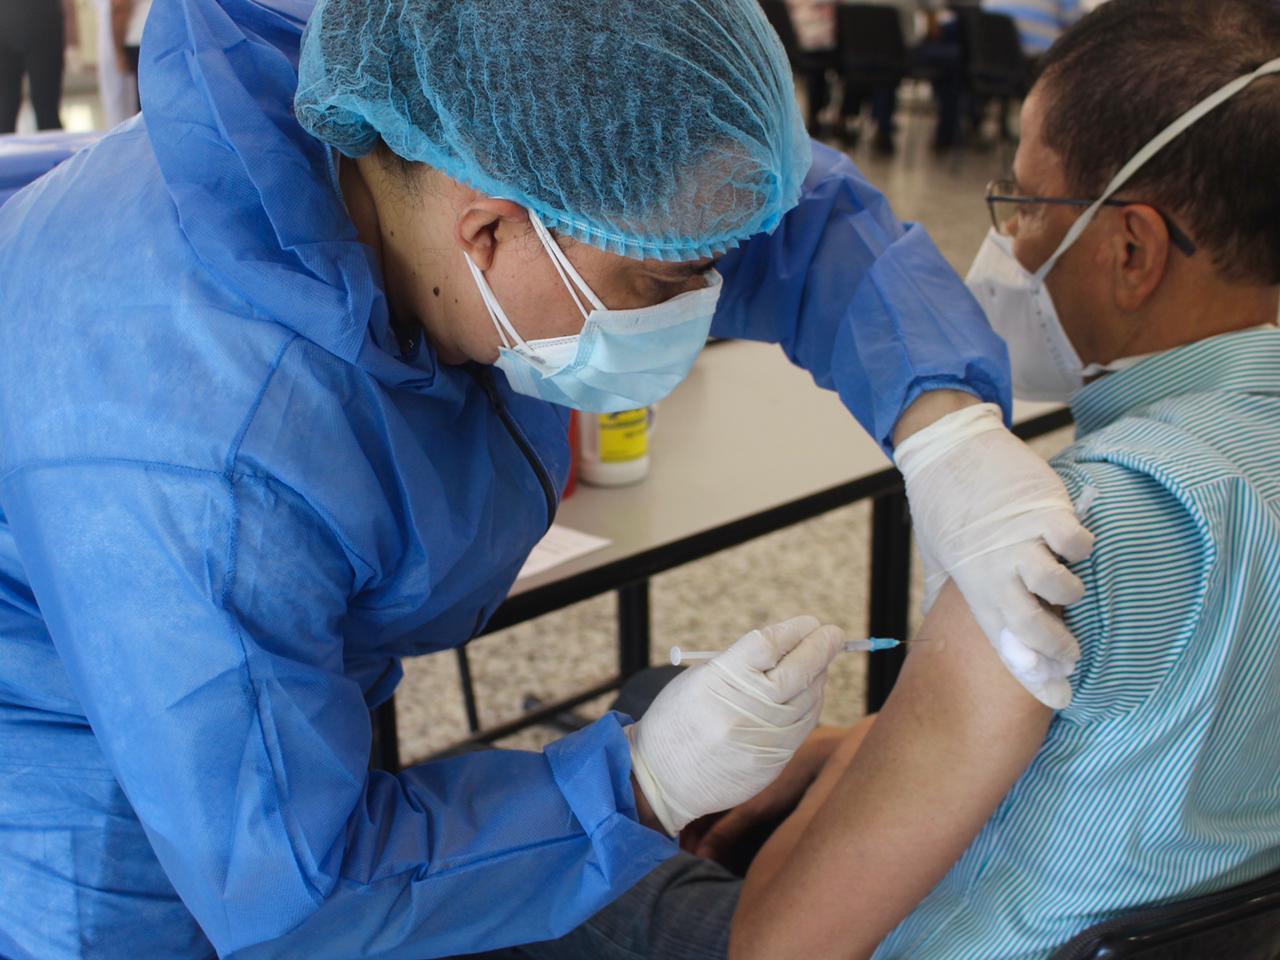 Inicia la vacunación de adultos mayores de 70 años contra el Covid-19 en Ibagué